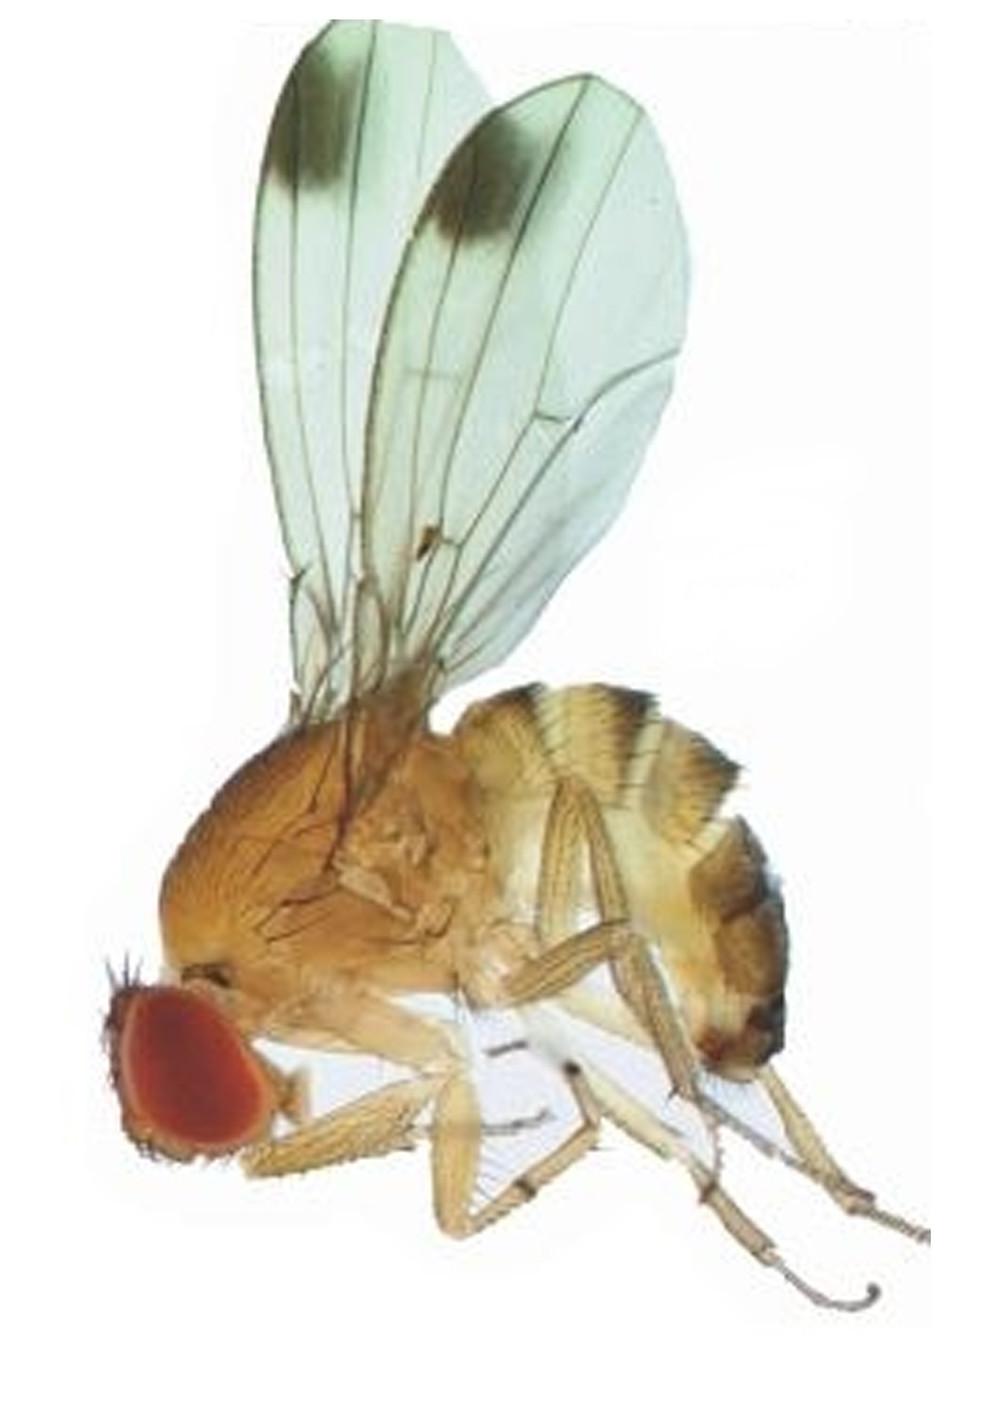 Drosophila suzukii, moscerino dalle ali macchiate